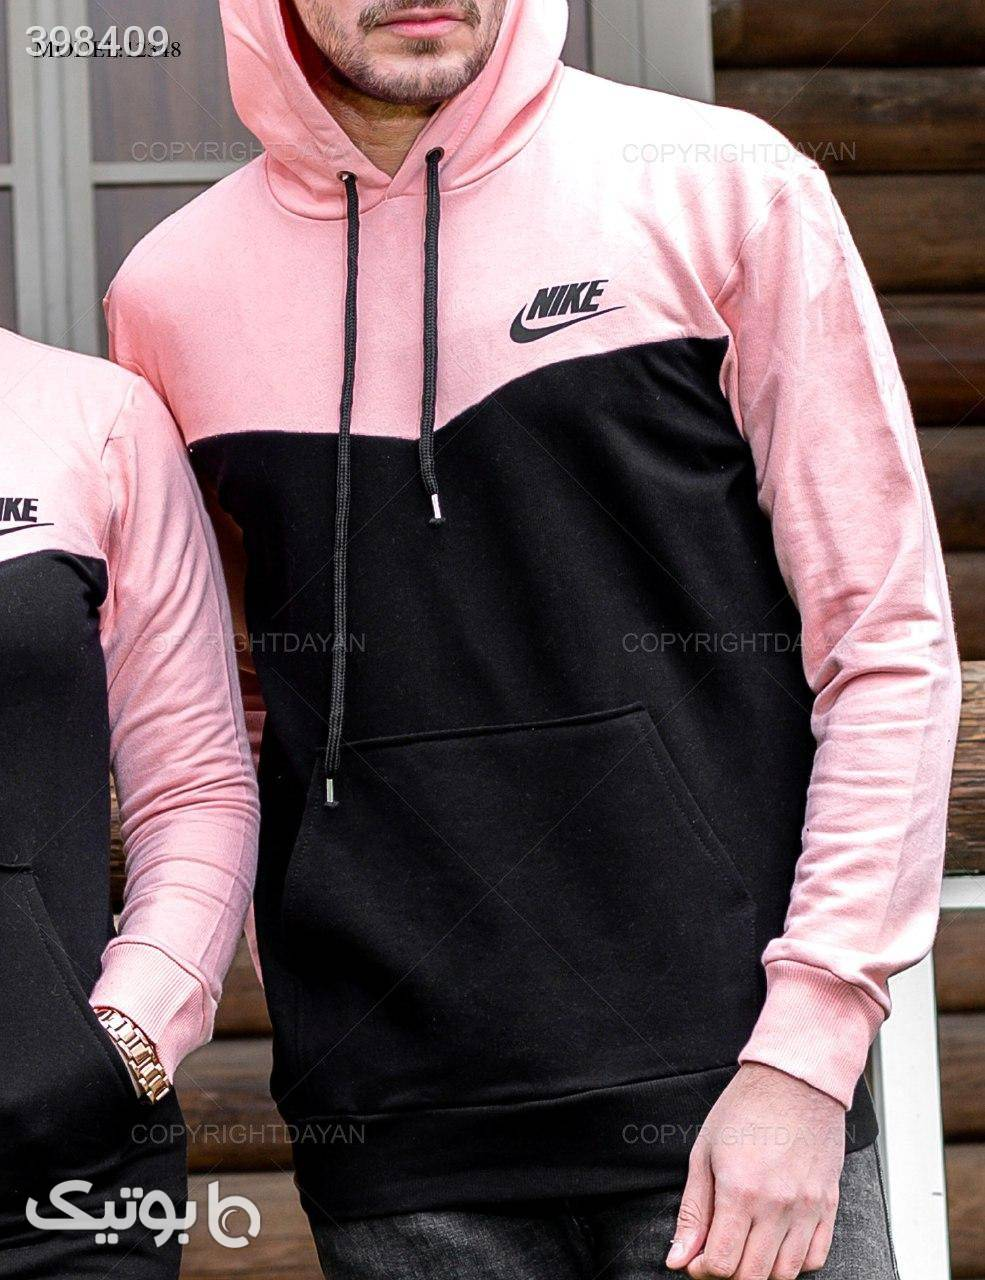 ست مردانه و زنانه Nike مدل 12348  مشکی ست زوج و خانواده